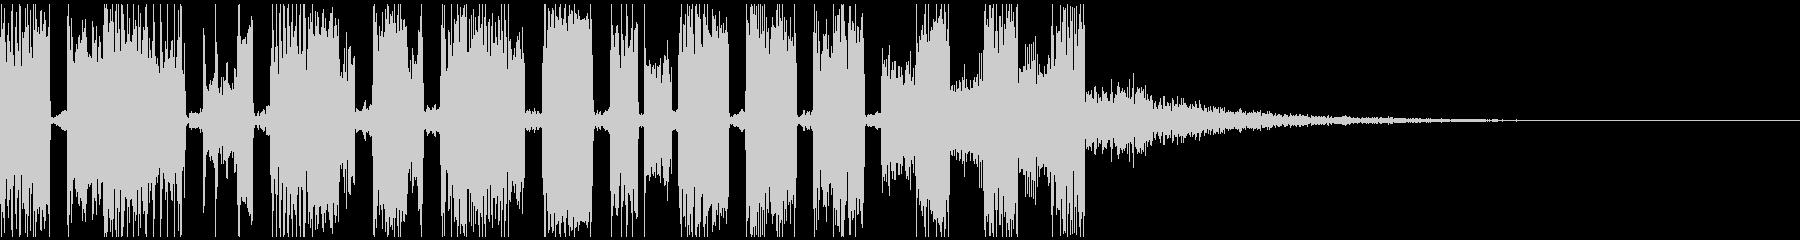 電子的なサウンドロゴの未再生の波形